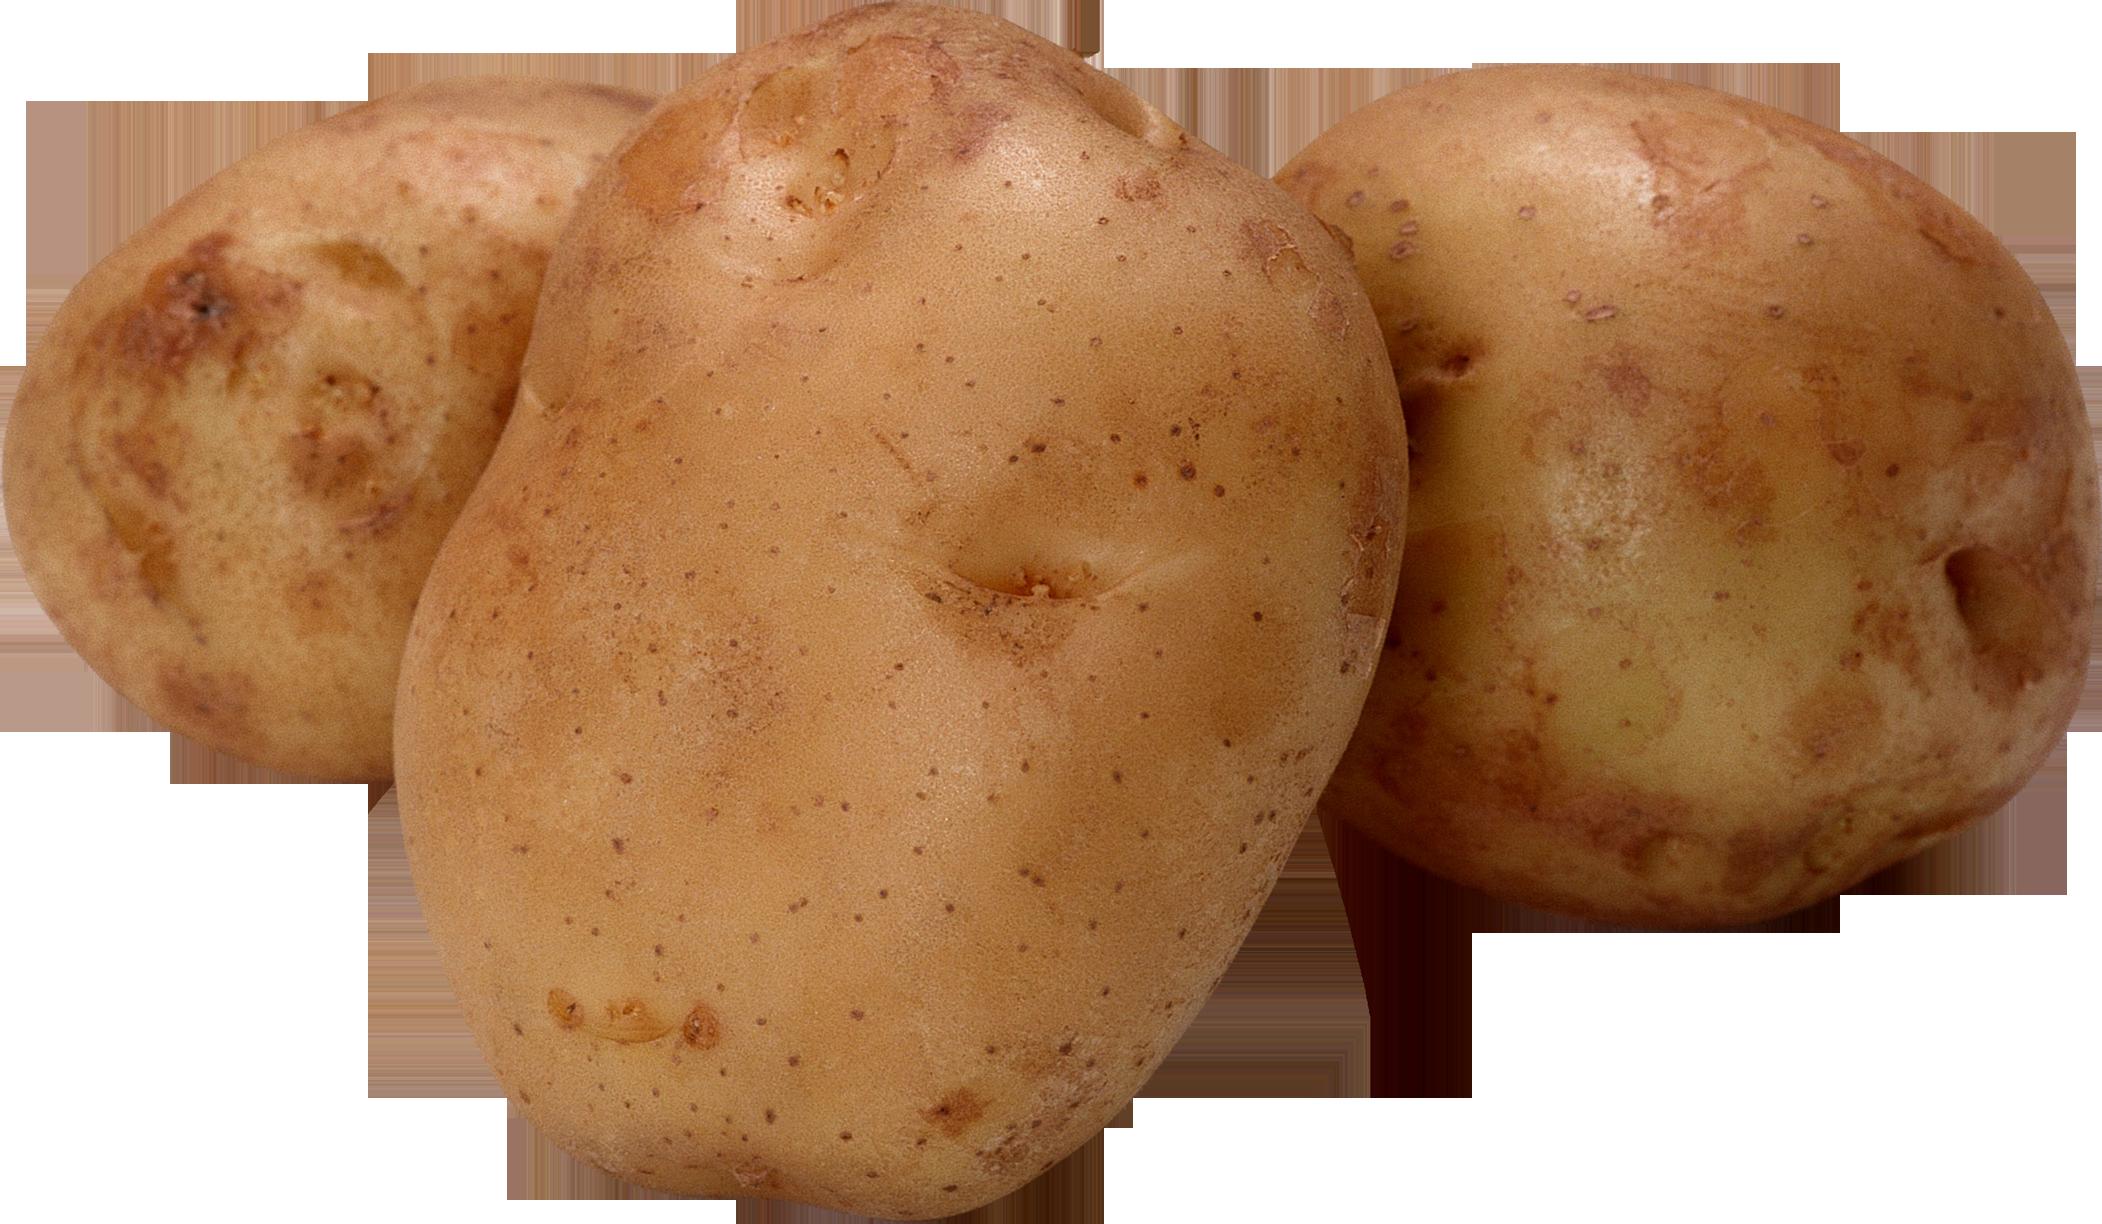 Potato png images